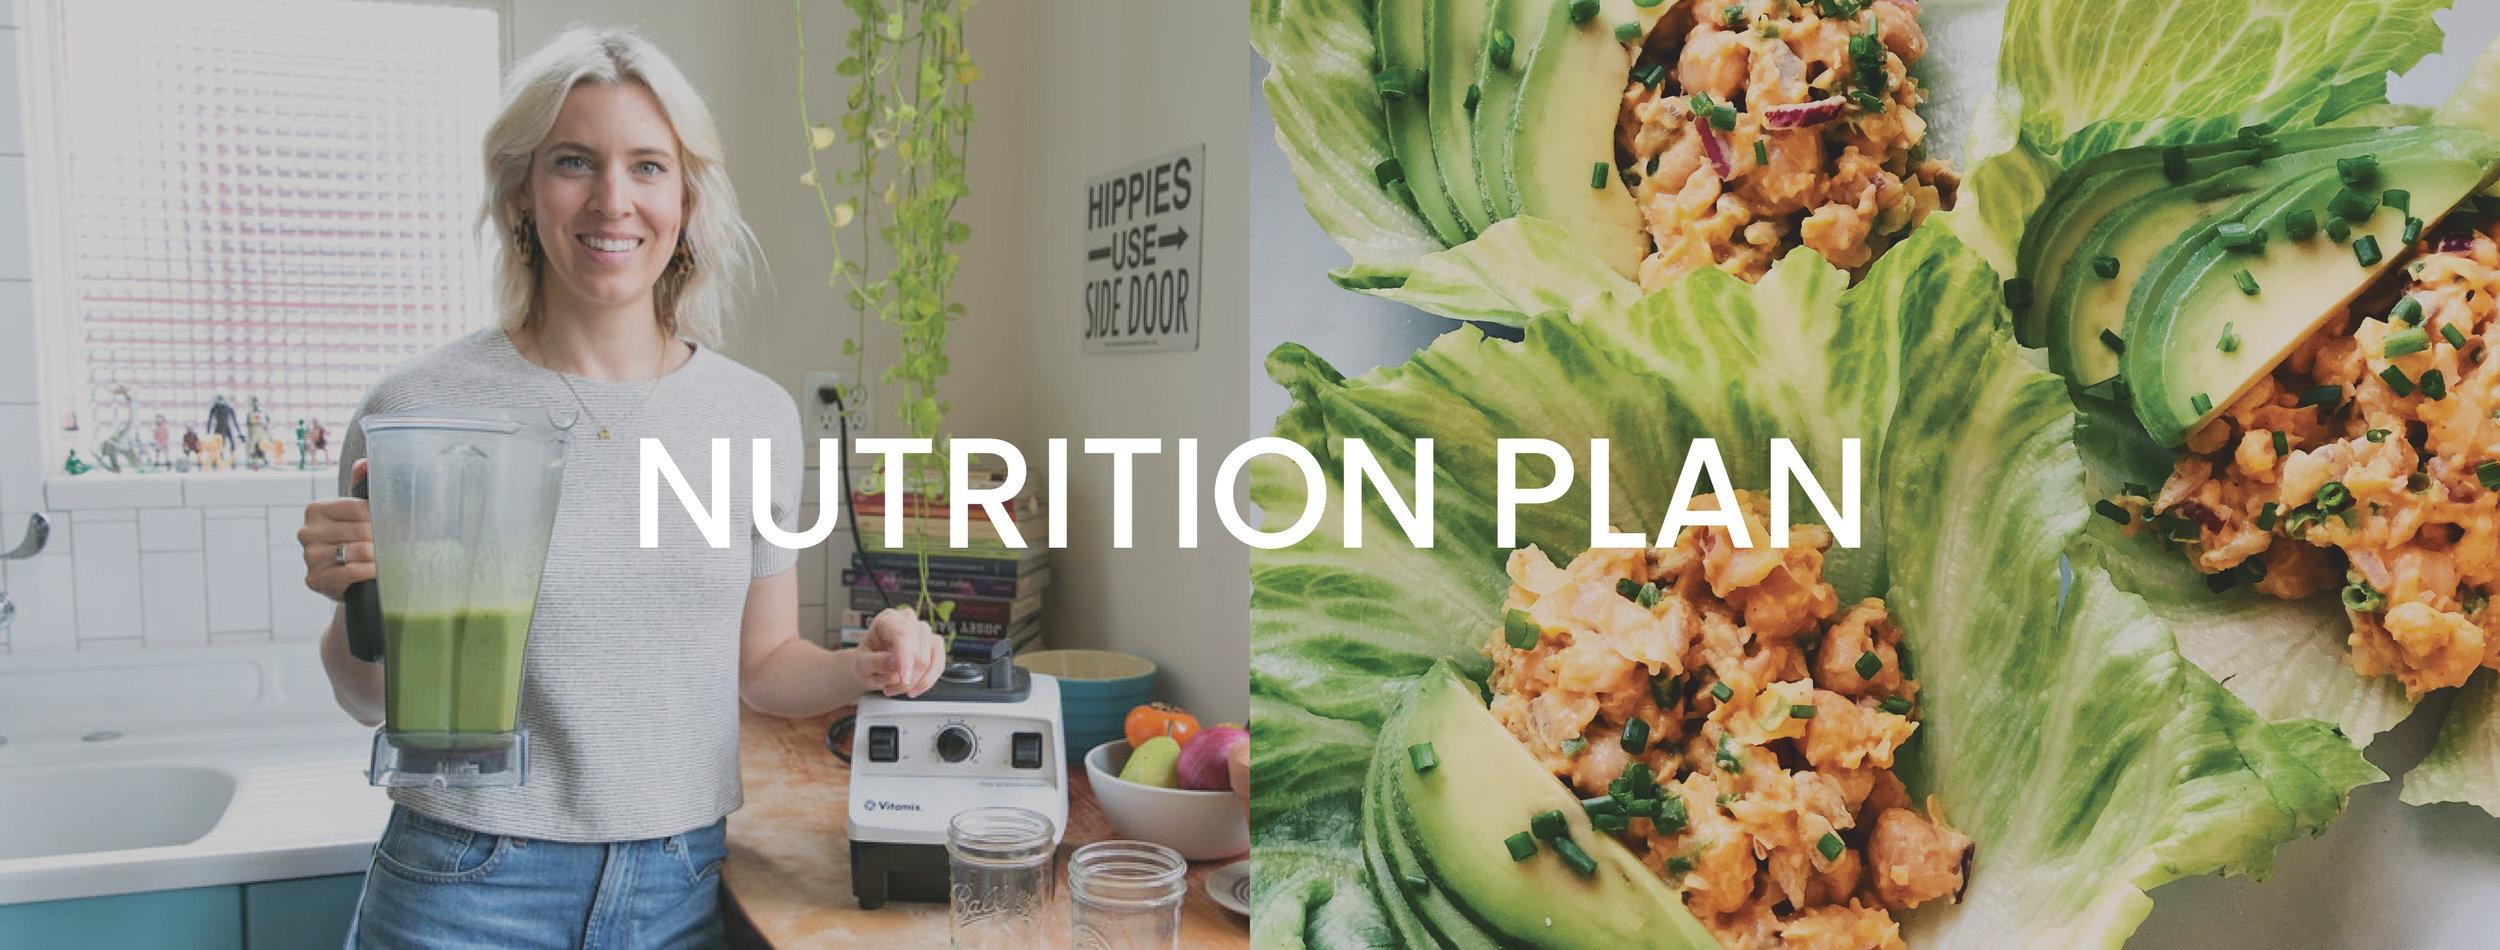 Nutrition Plan-header-1.jpg